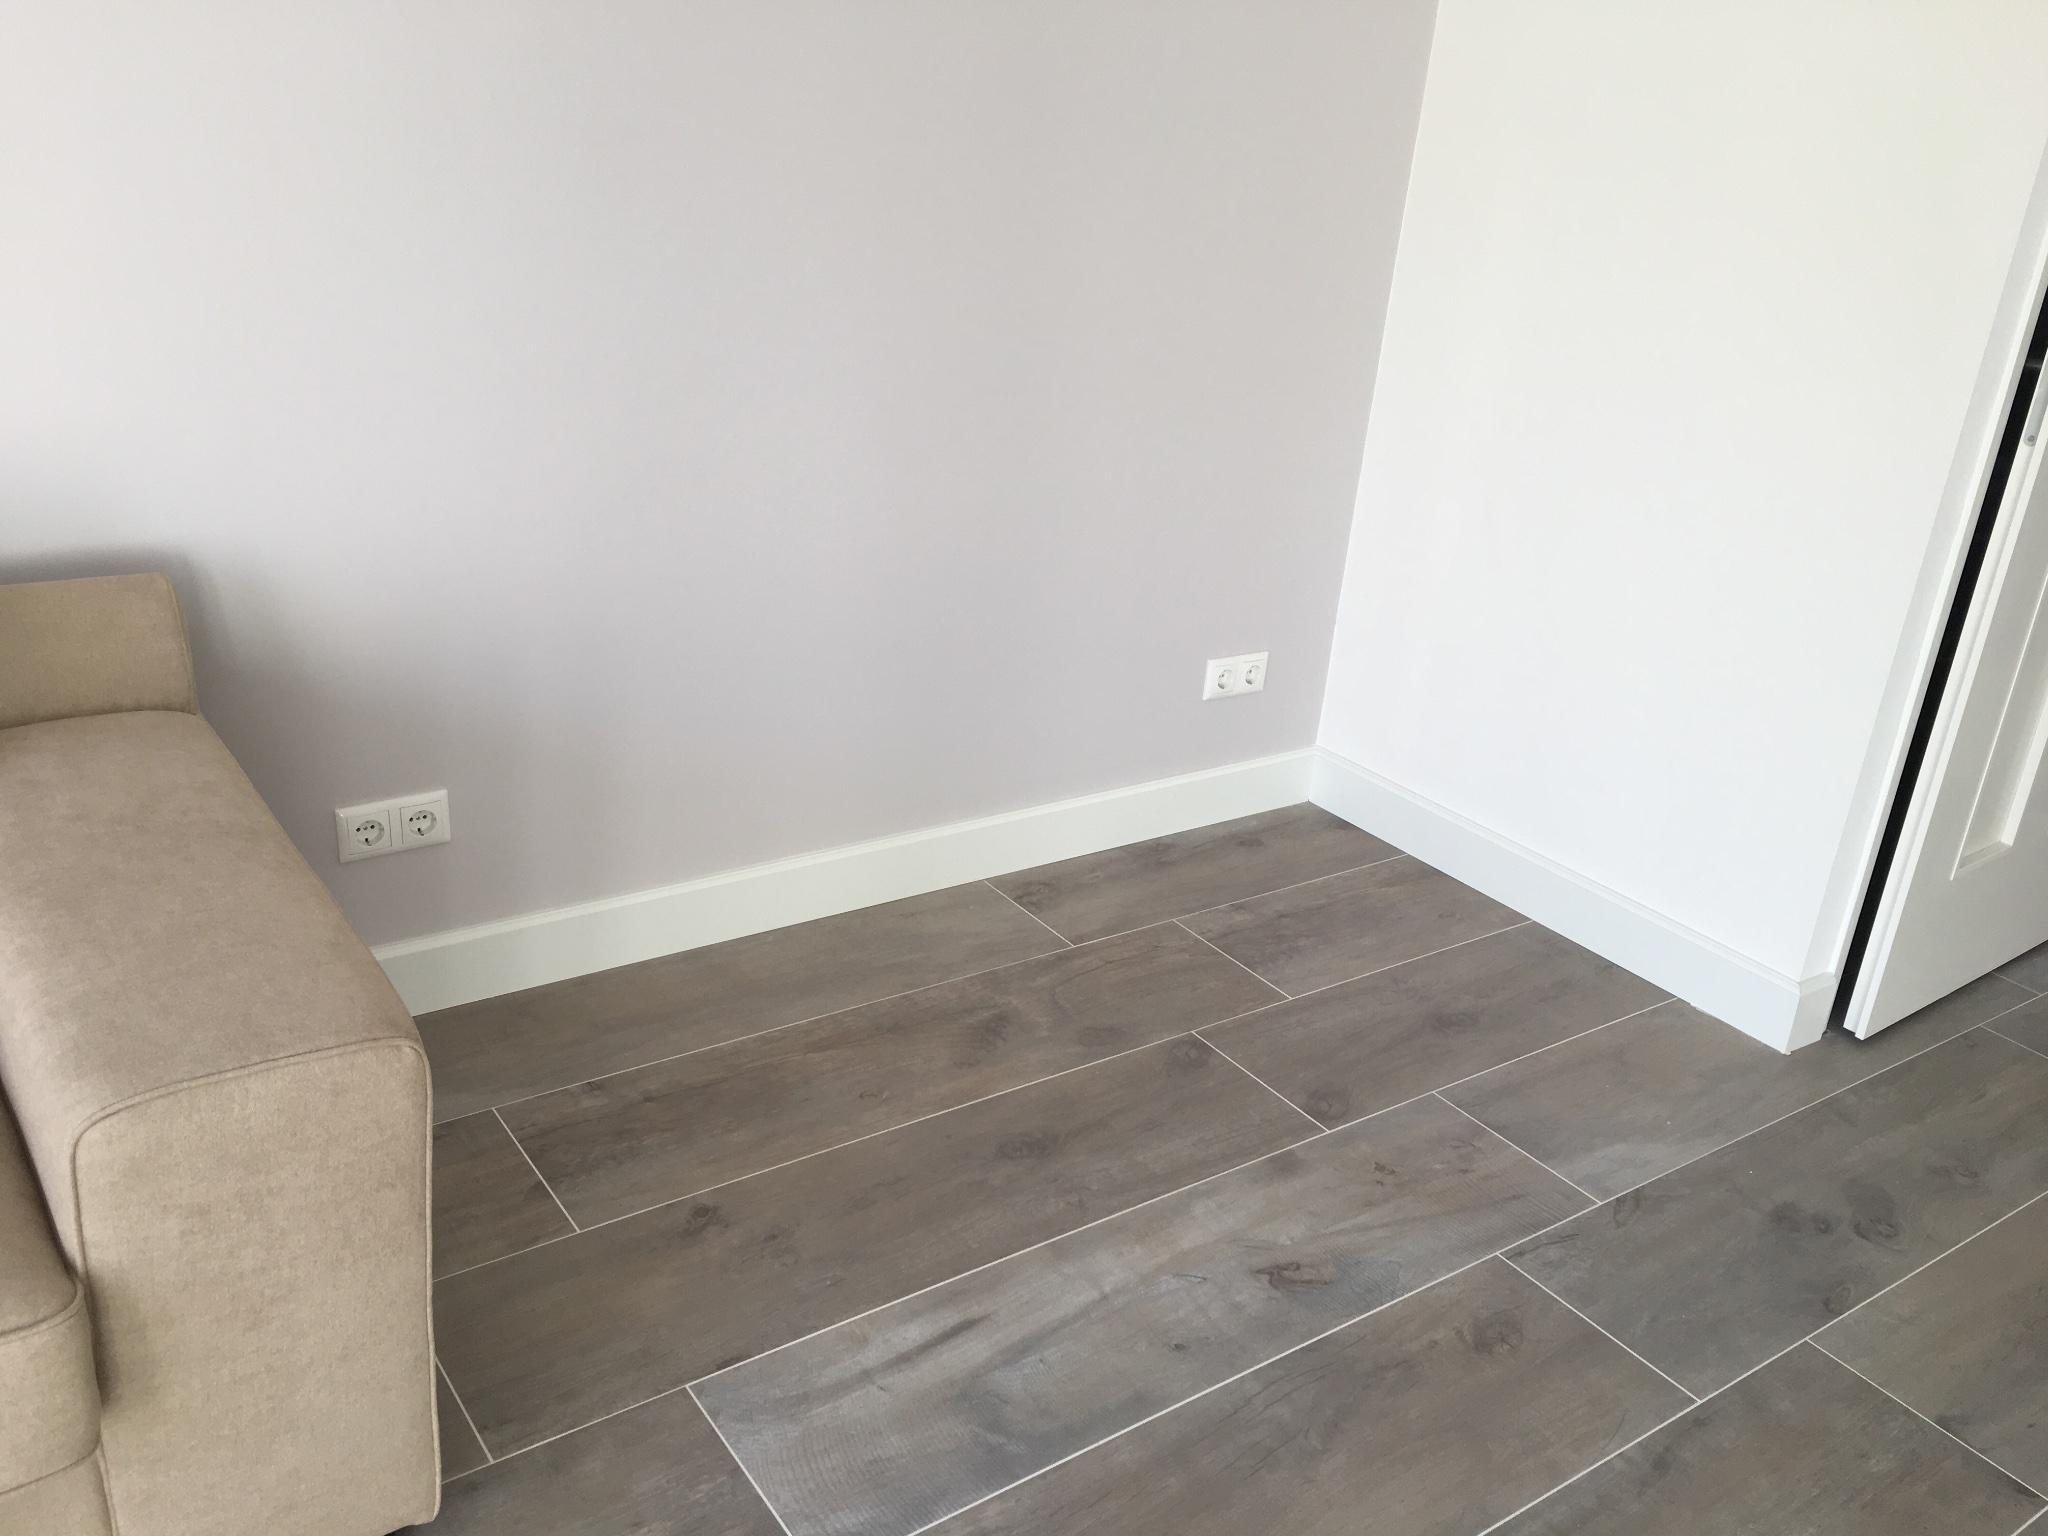 Vloer Slaapkamer Vloerverwarming : Pvc vloeren heel veel voordelen de mflor vloeren hebben vele